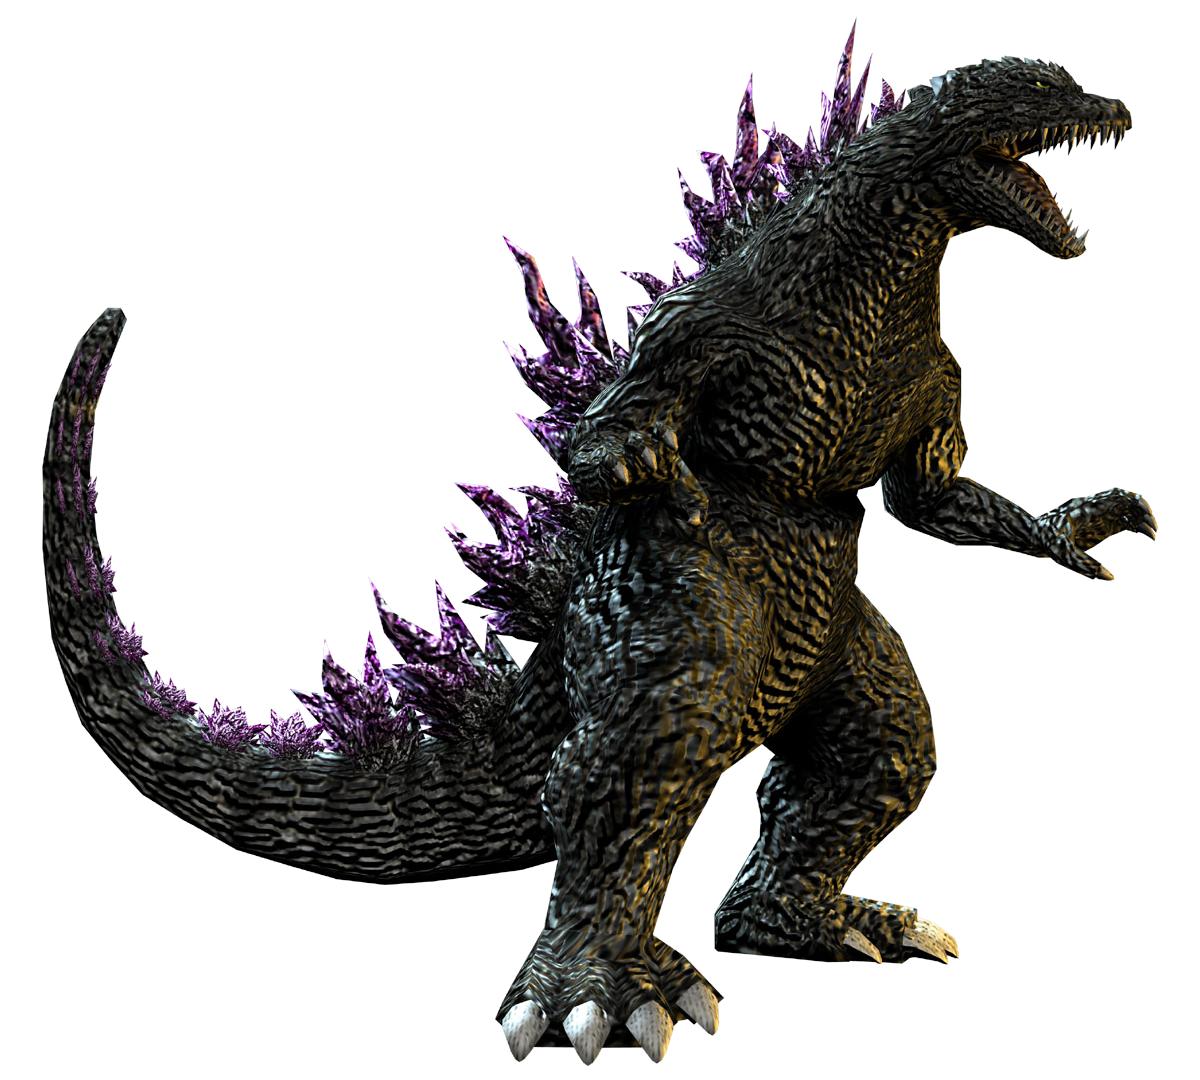 Image - Godzilla 2000 (Godzilla Unleashed).png | Gojipedia | FANDOM powered  by Wikia - Godzilla PNG